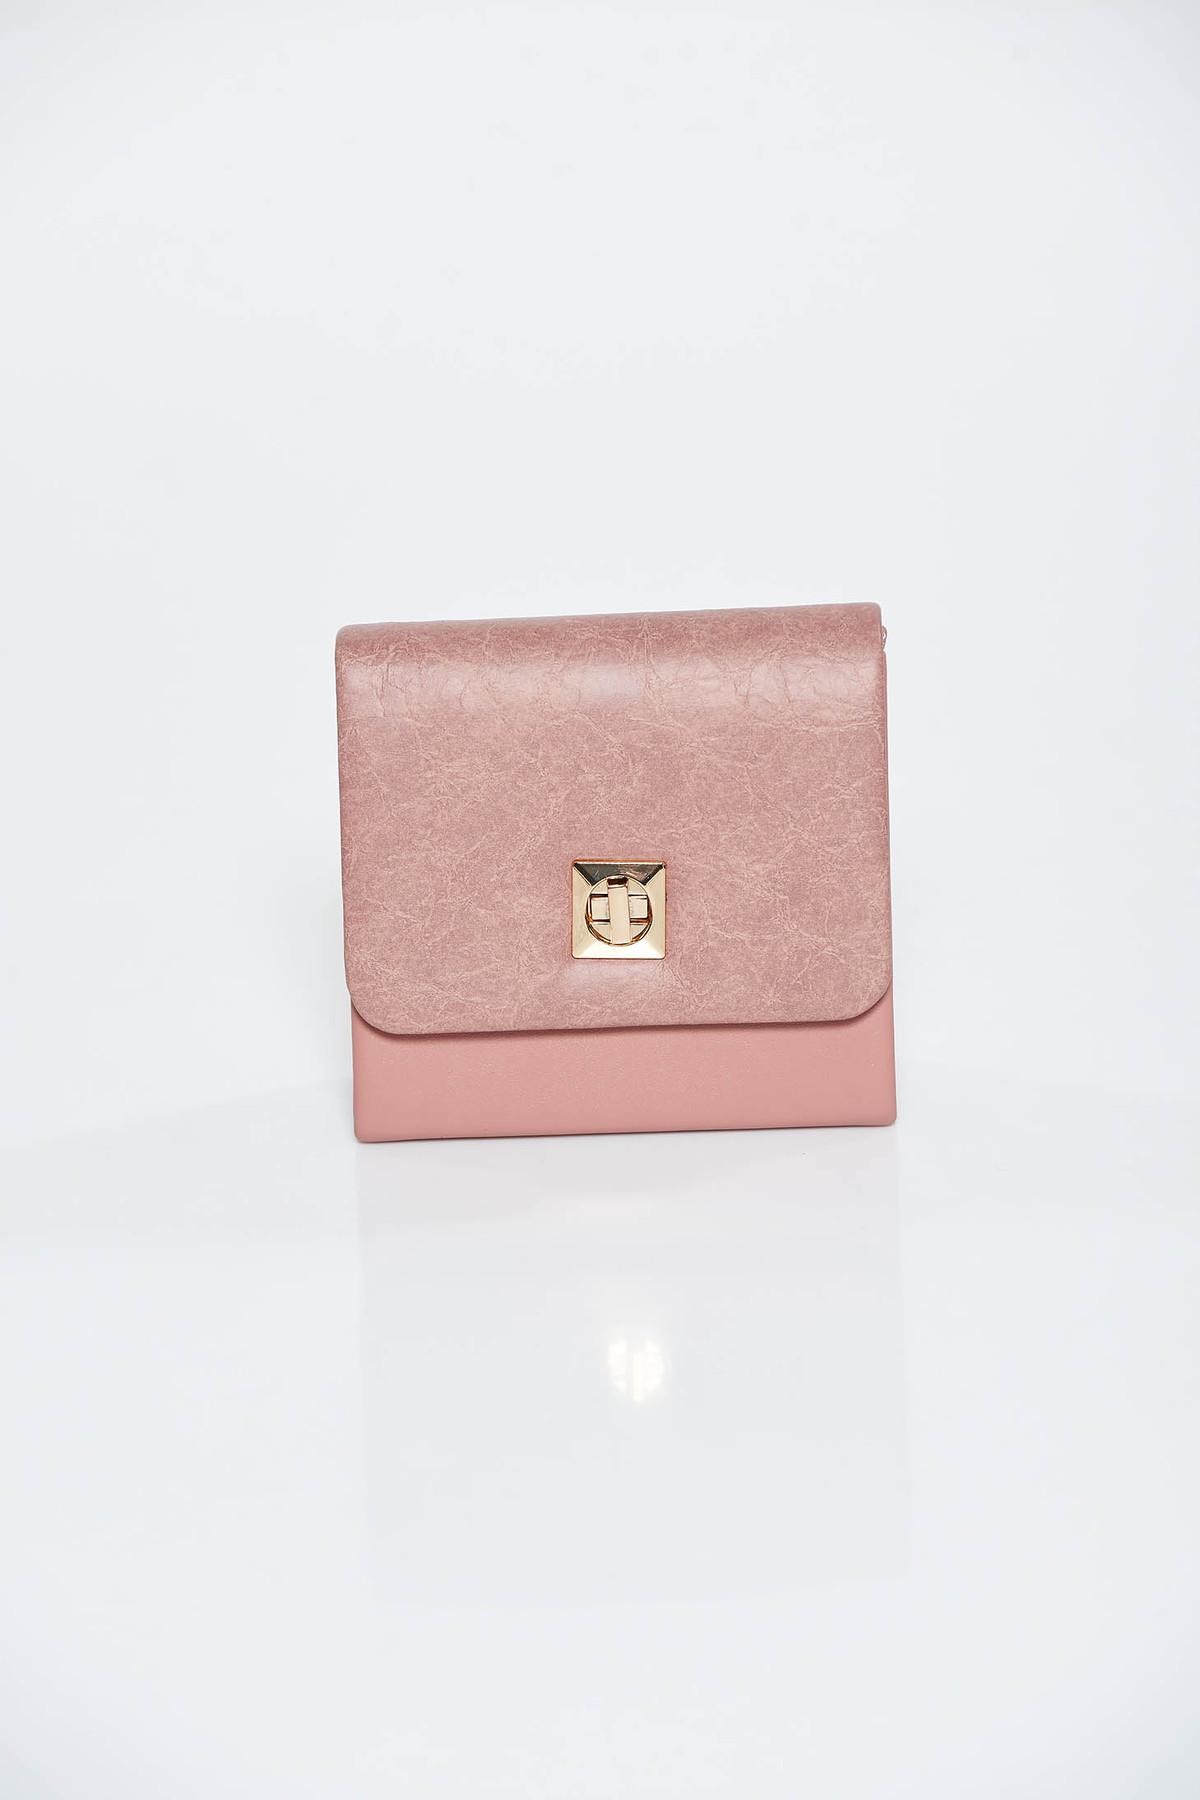 Geanta dama rosa plic de ocazie din piele ecologica